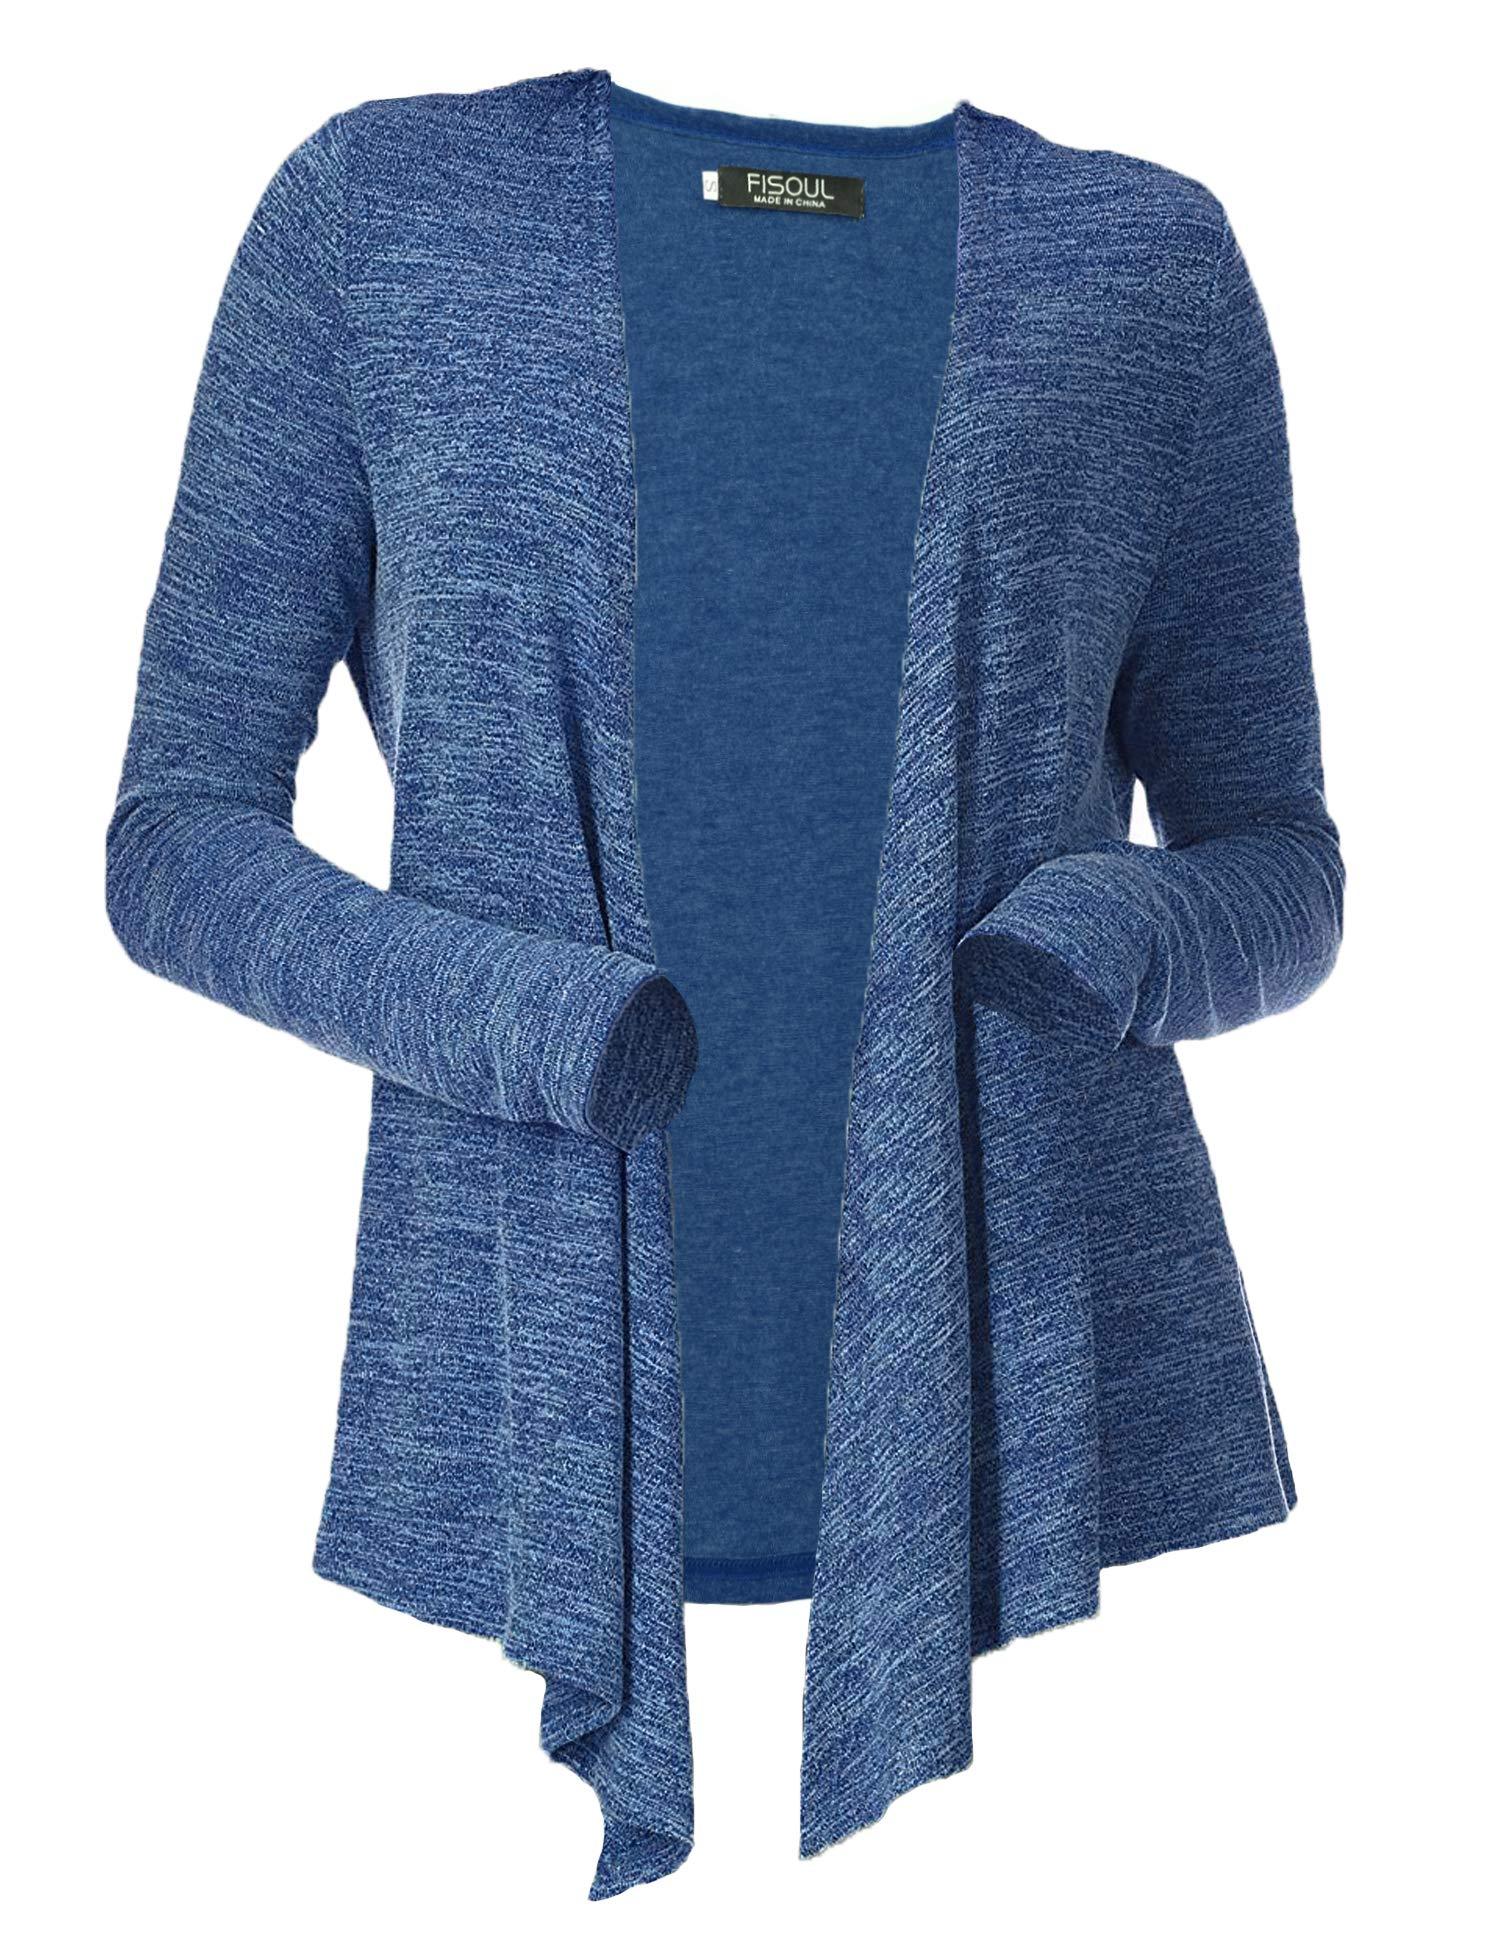 FISOUL Women's Cardigans Open Drape Front Coats Long Sleeve Lightweight Knit Jackets Blue L